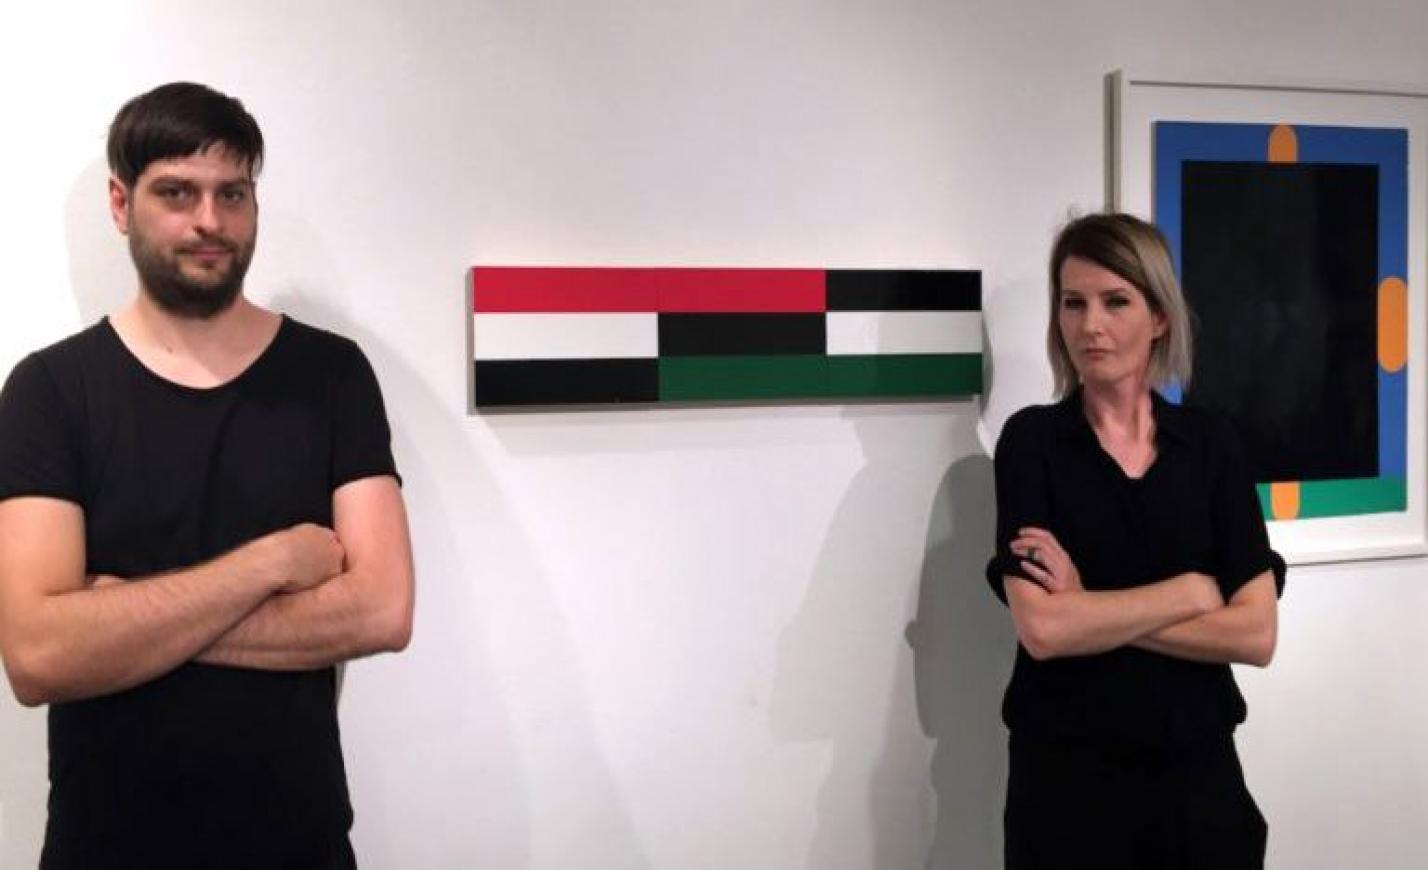 Újabb szégyenlistán az ország: cenzúrázták a művészetet